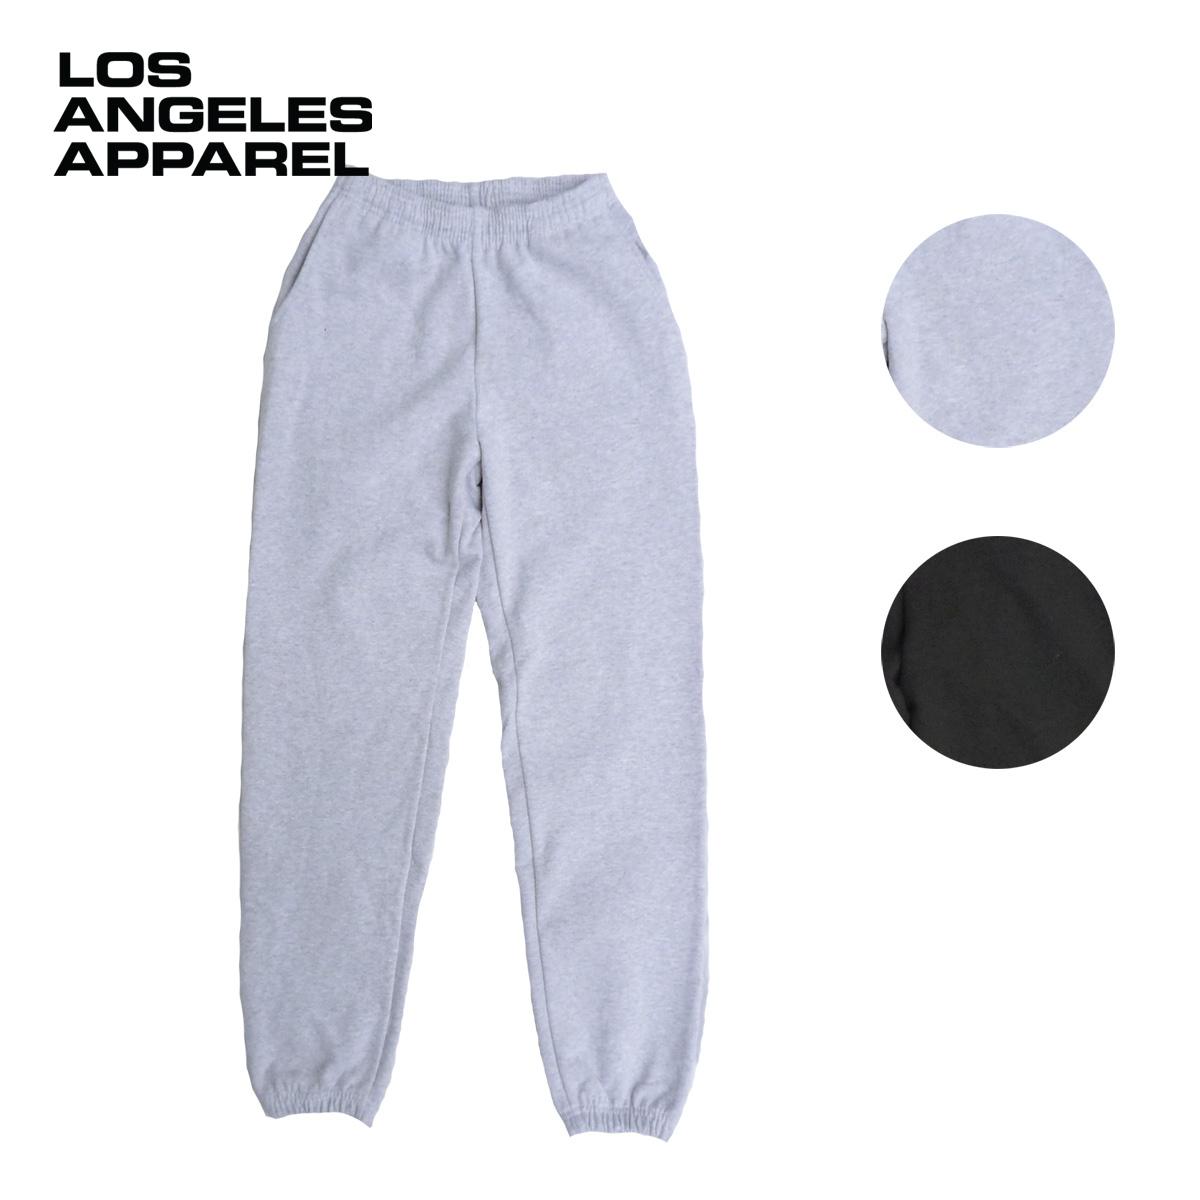 LOS ANGELES APPAREL ロサンゼルスアパレル 14oz SWEAT PTANTS メンズ アッシュ/ブラック S-L[スウェットパンツ パンツ 裏起毛 無地 シンプル アメリカ USA ブランド アメカジ アメカジブランド 黒]